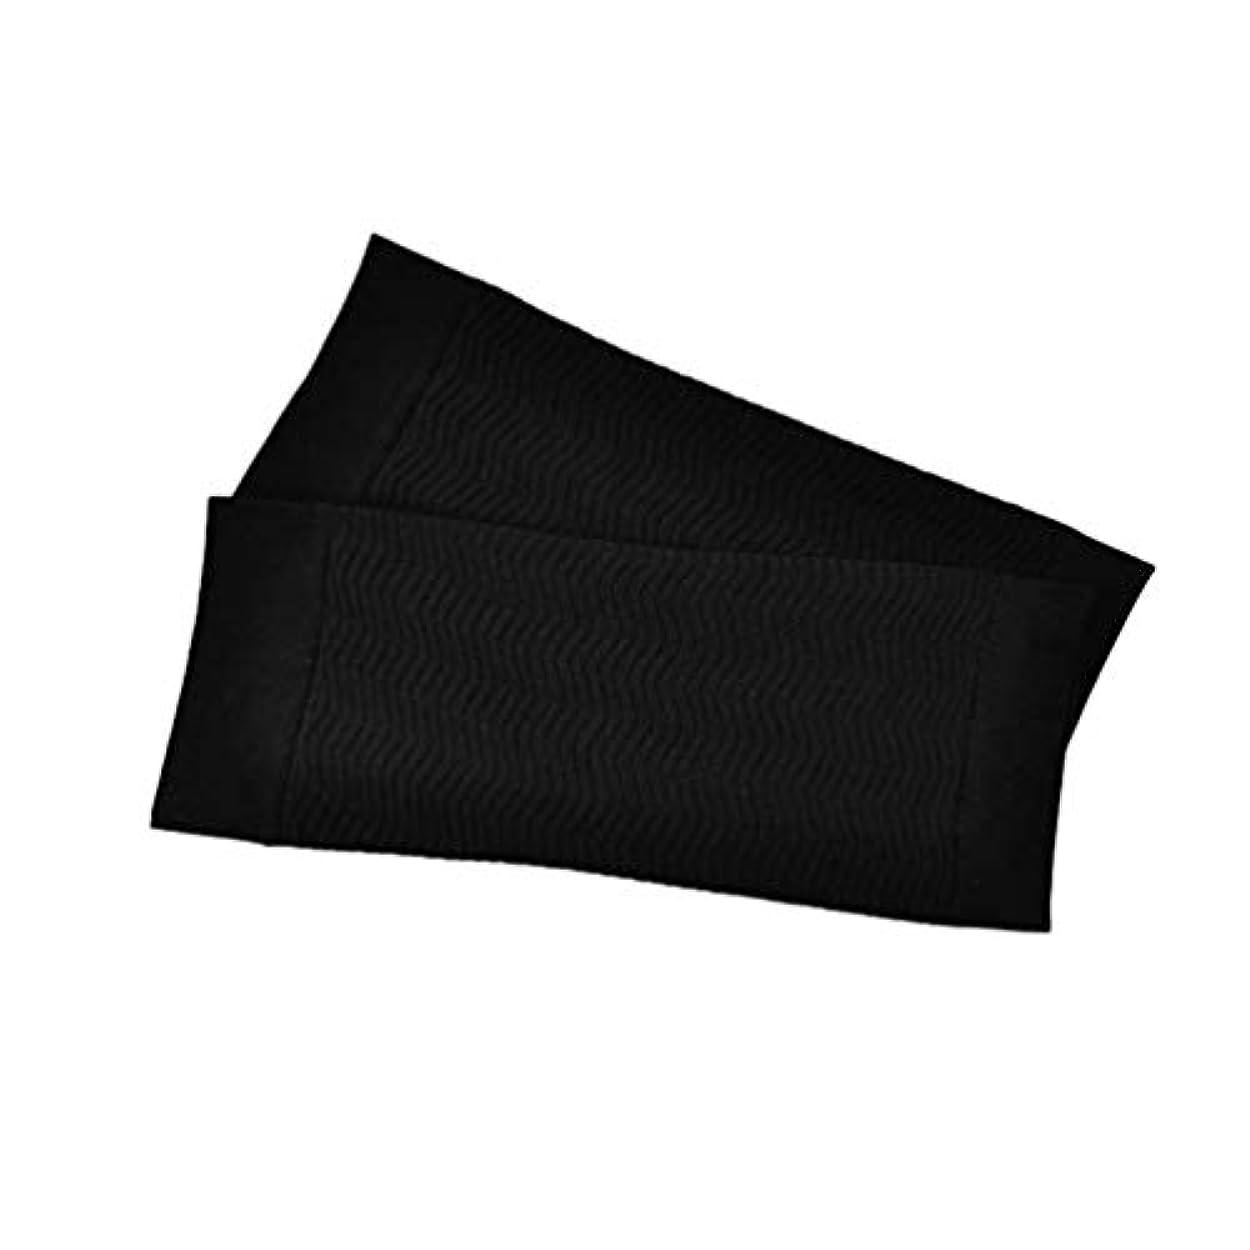 戸棚許可するブラケット1ペア680 D圧縮アームシェイパーワークアウトトーニングバーンセルライトスリミングアームスリーブ脂肪燃焼半袖用女性 - ブラック